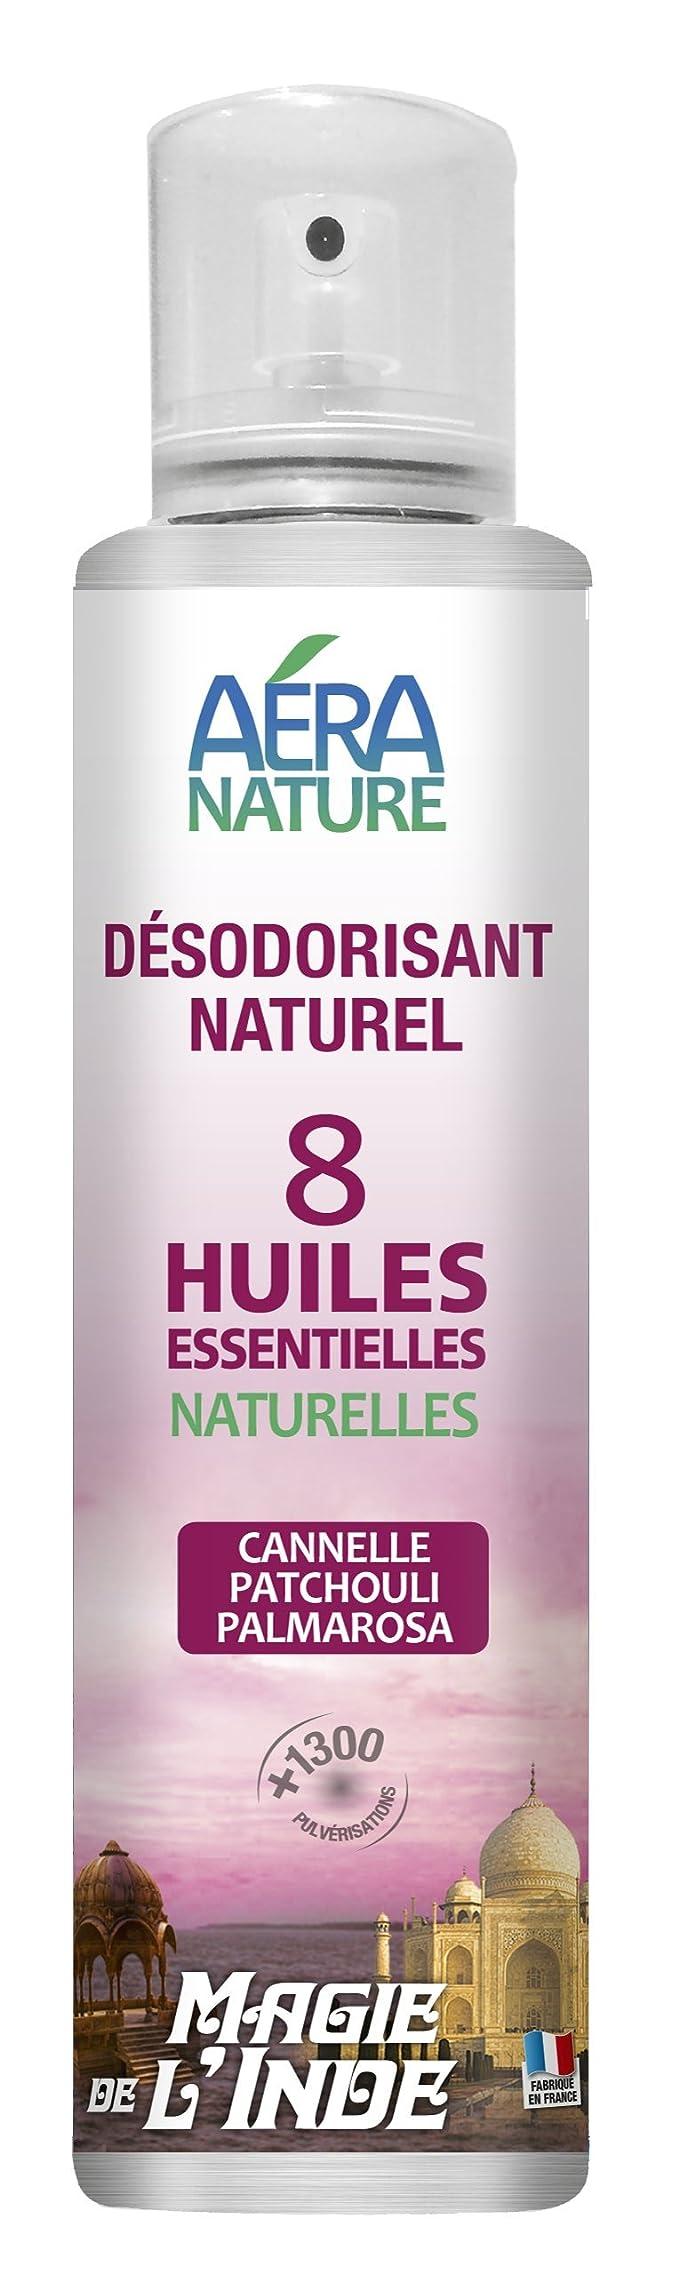 """Parfum d'ambiance naturel, 200ml, aux 8 huiles essentielles """"Magie de l'Inde"""